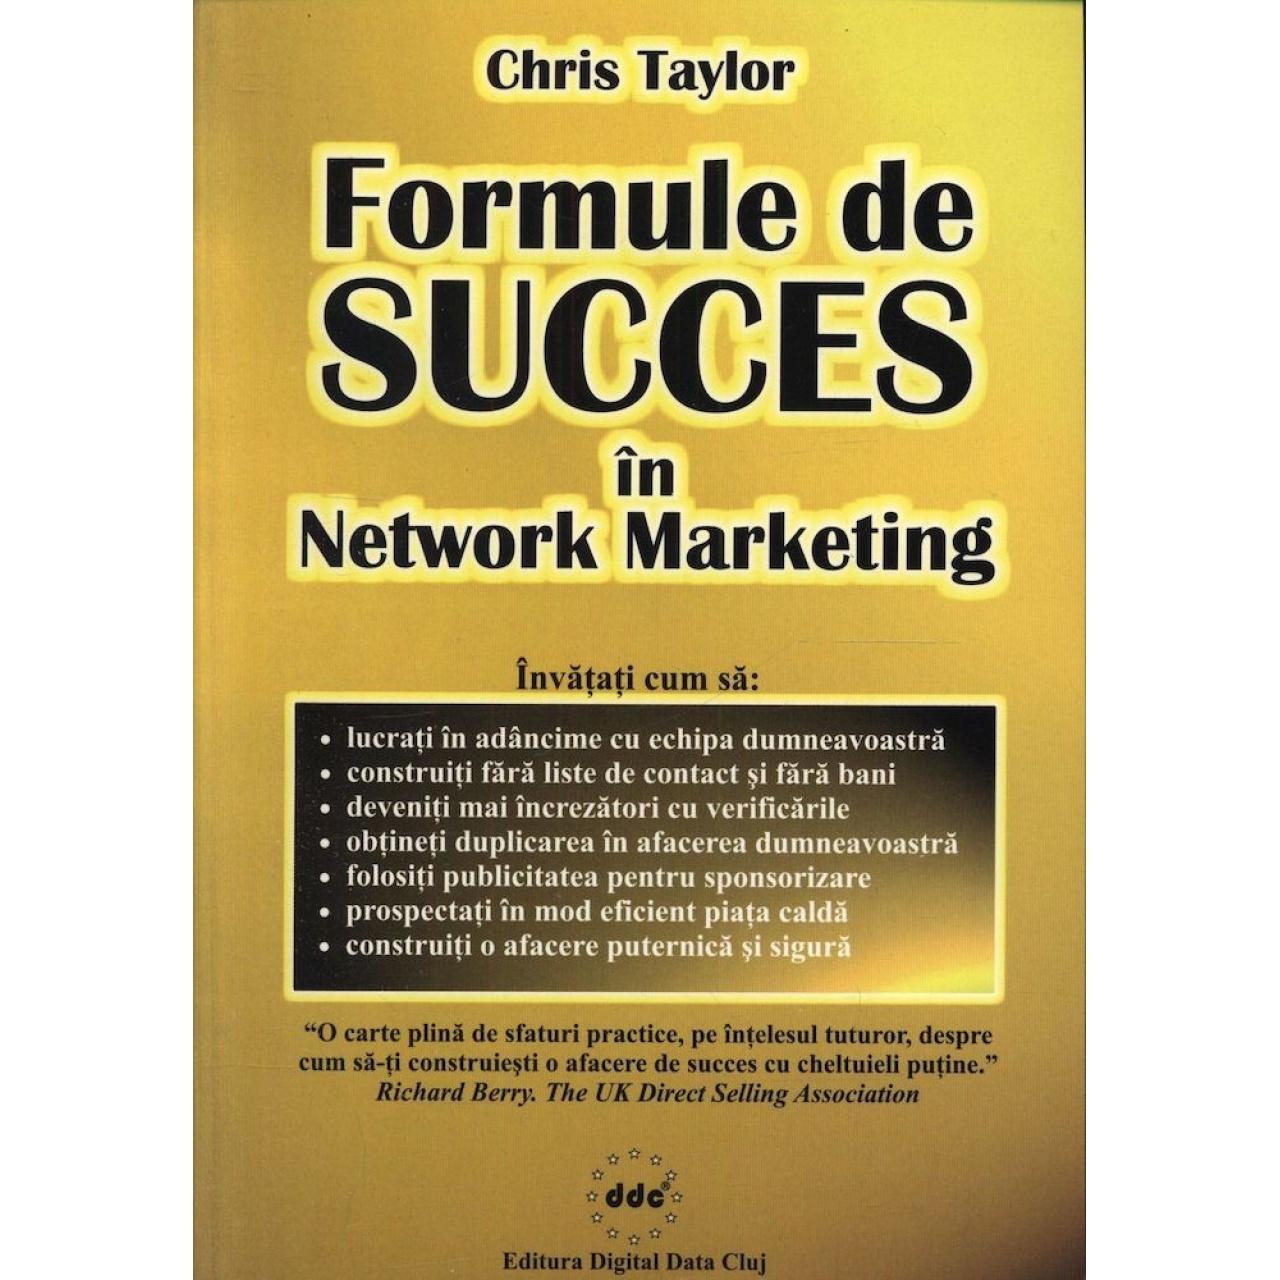 Formule de succes în Network Marketing